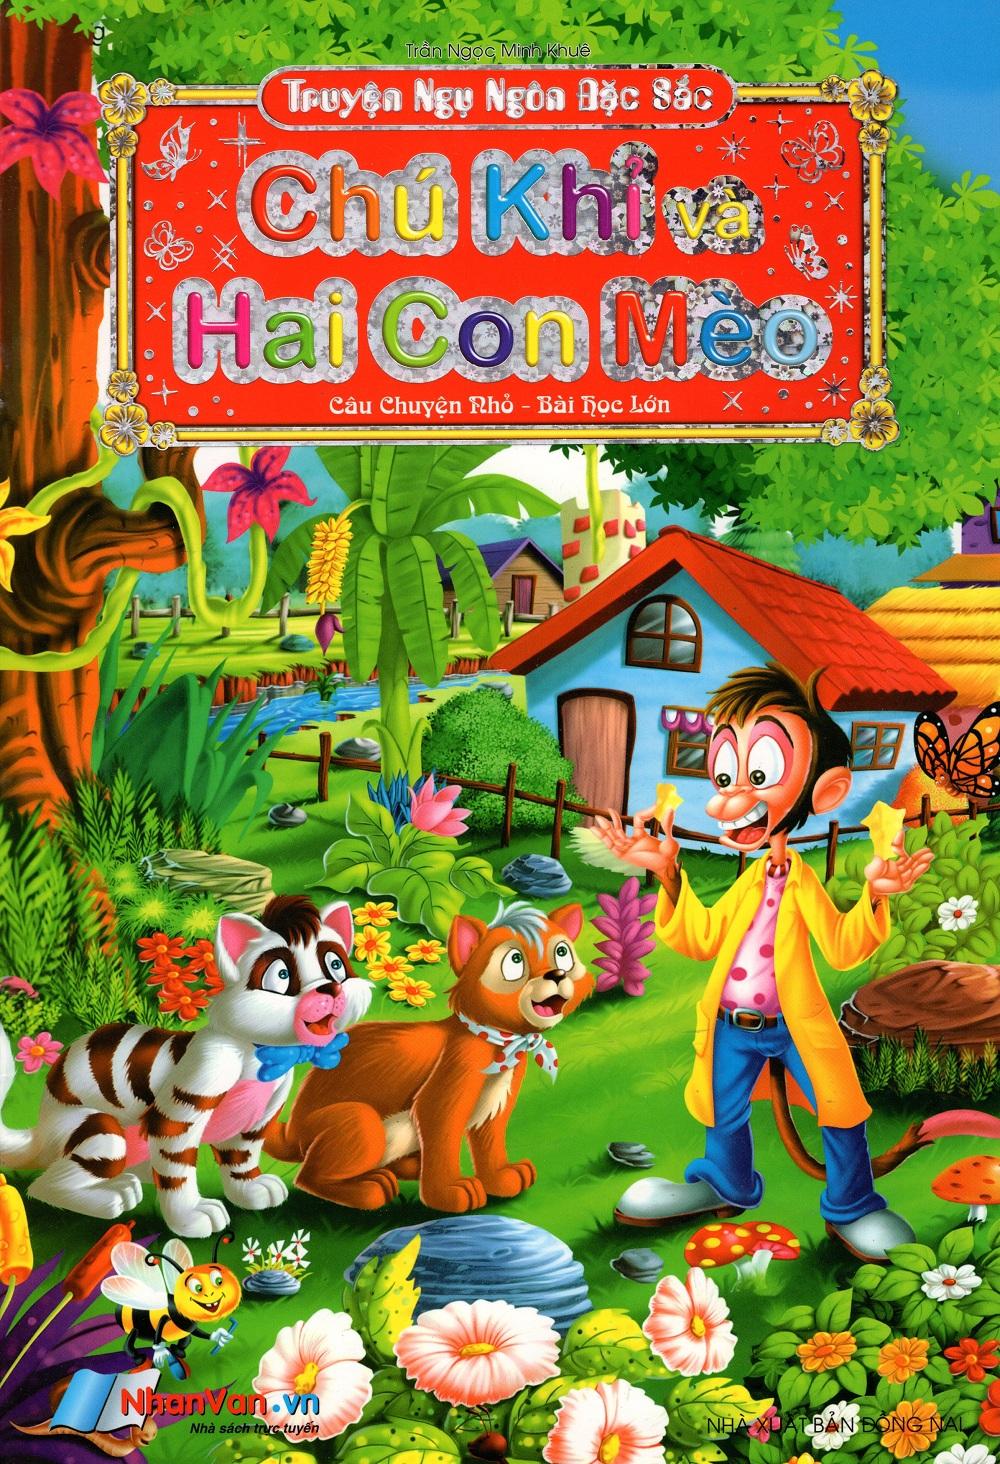 Bìa sách Truyện Ngụ Ngôn Đặc Sắc (Câu Chuyện Nhỏ - Bài Học Lớn) - Chú Khỉ Và Hai Con Mèo